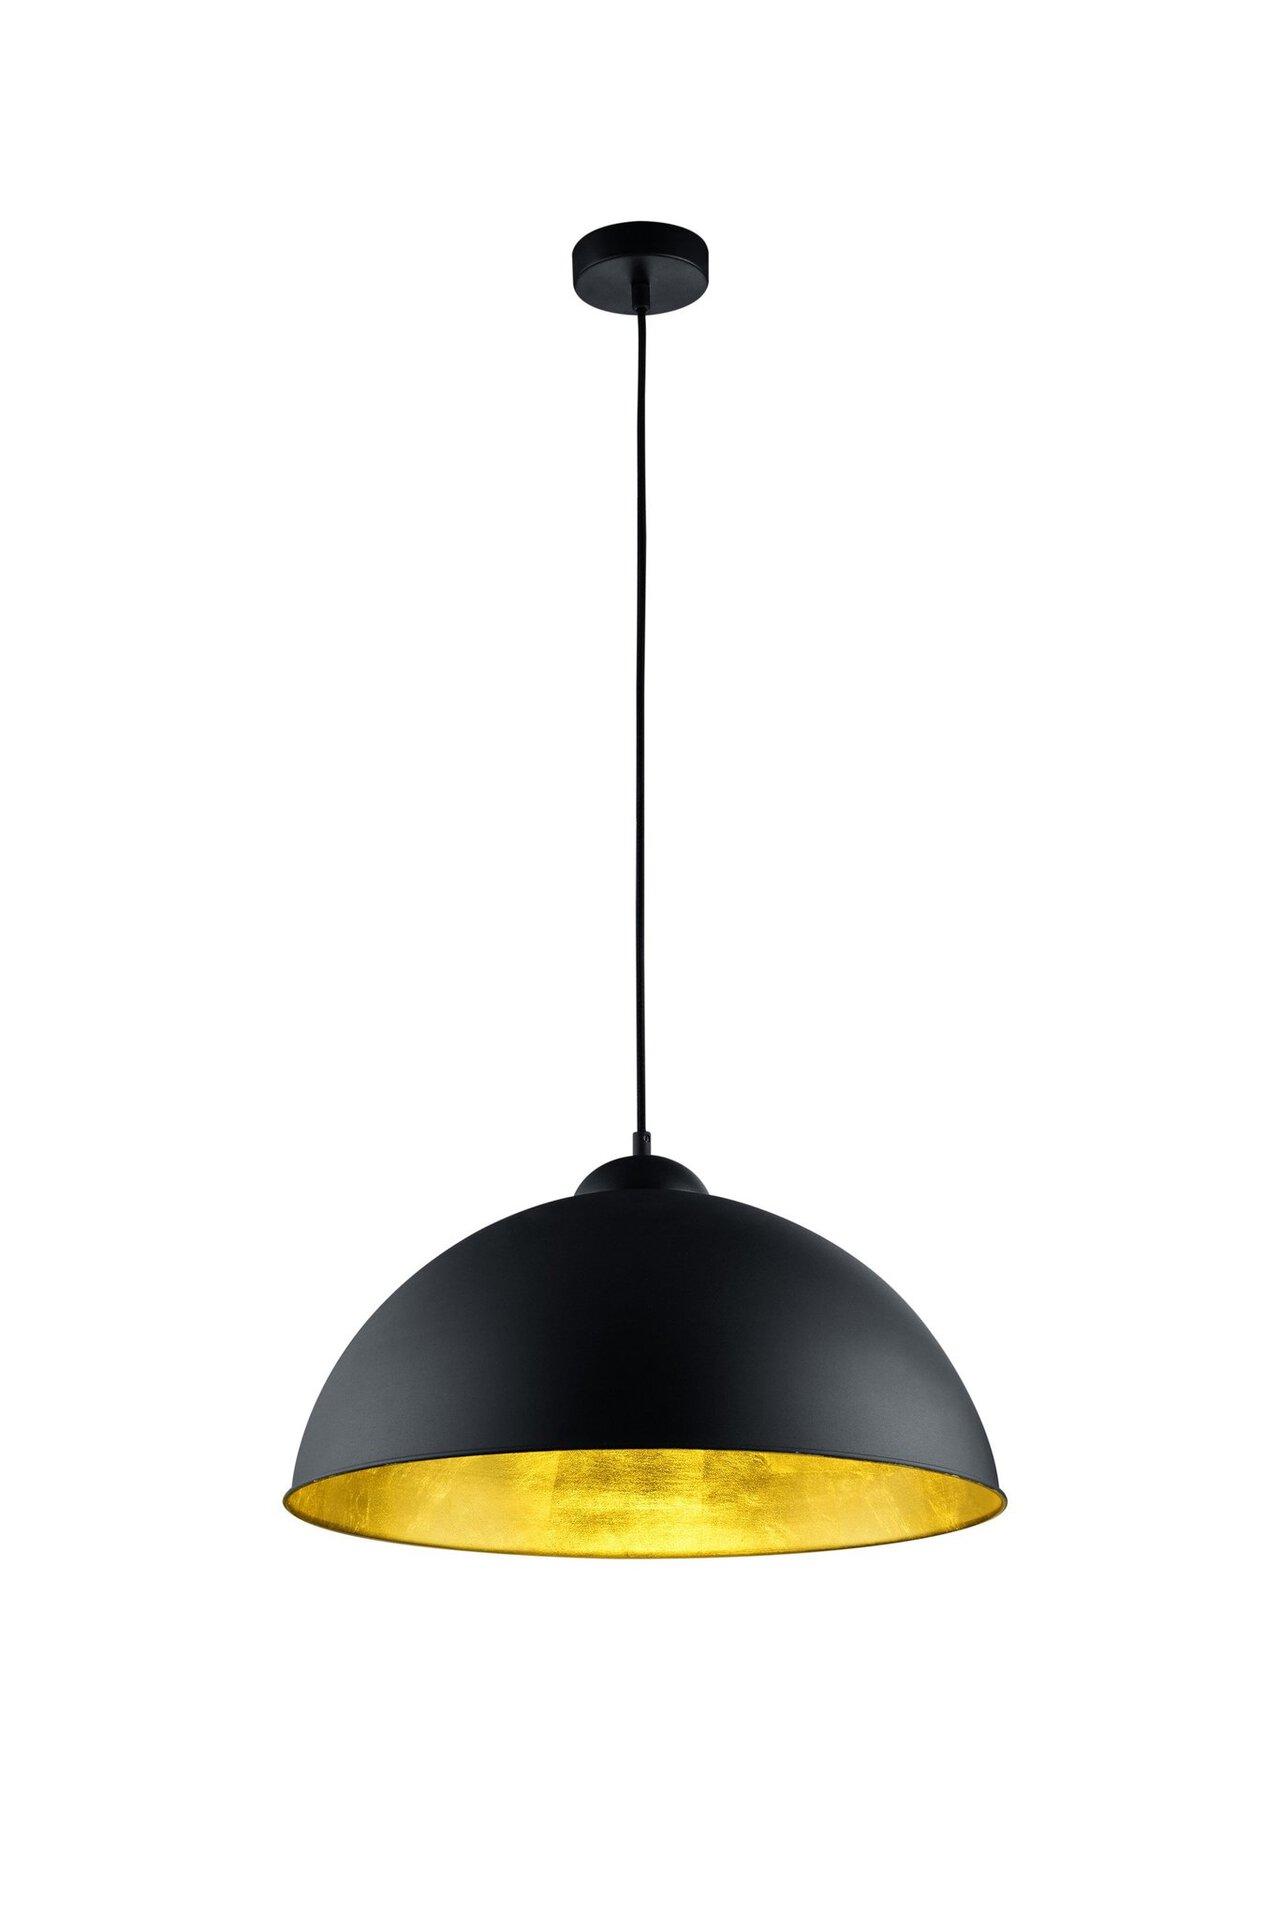 Hängeleuchte Romino II Trio Leuchten Metall schwarz 50 x 150 x 50 cm